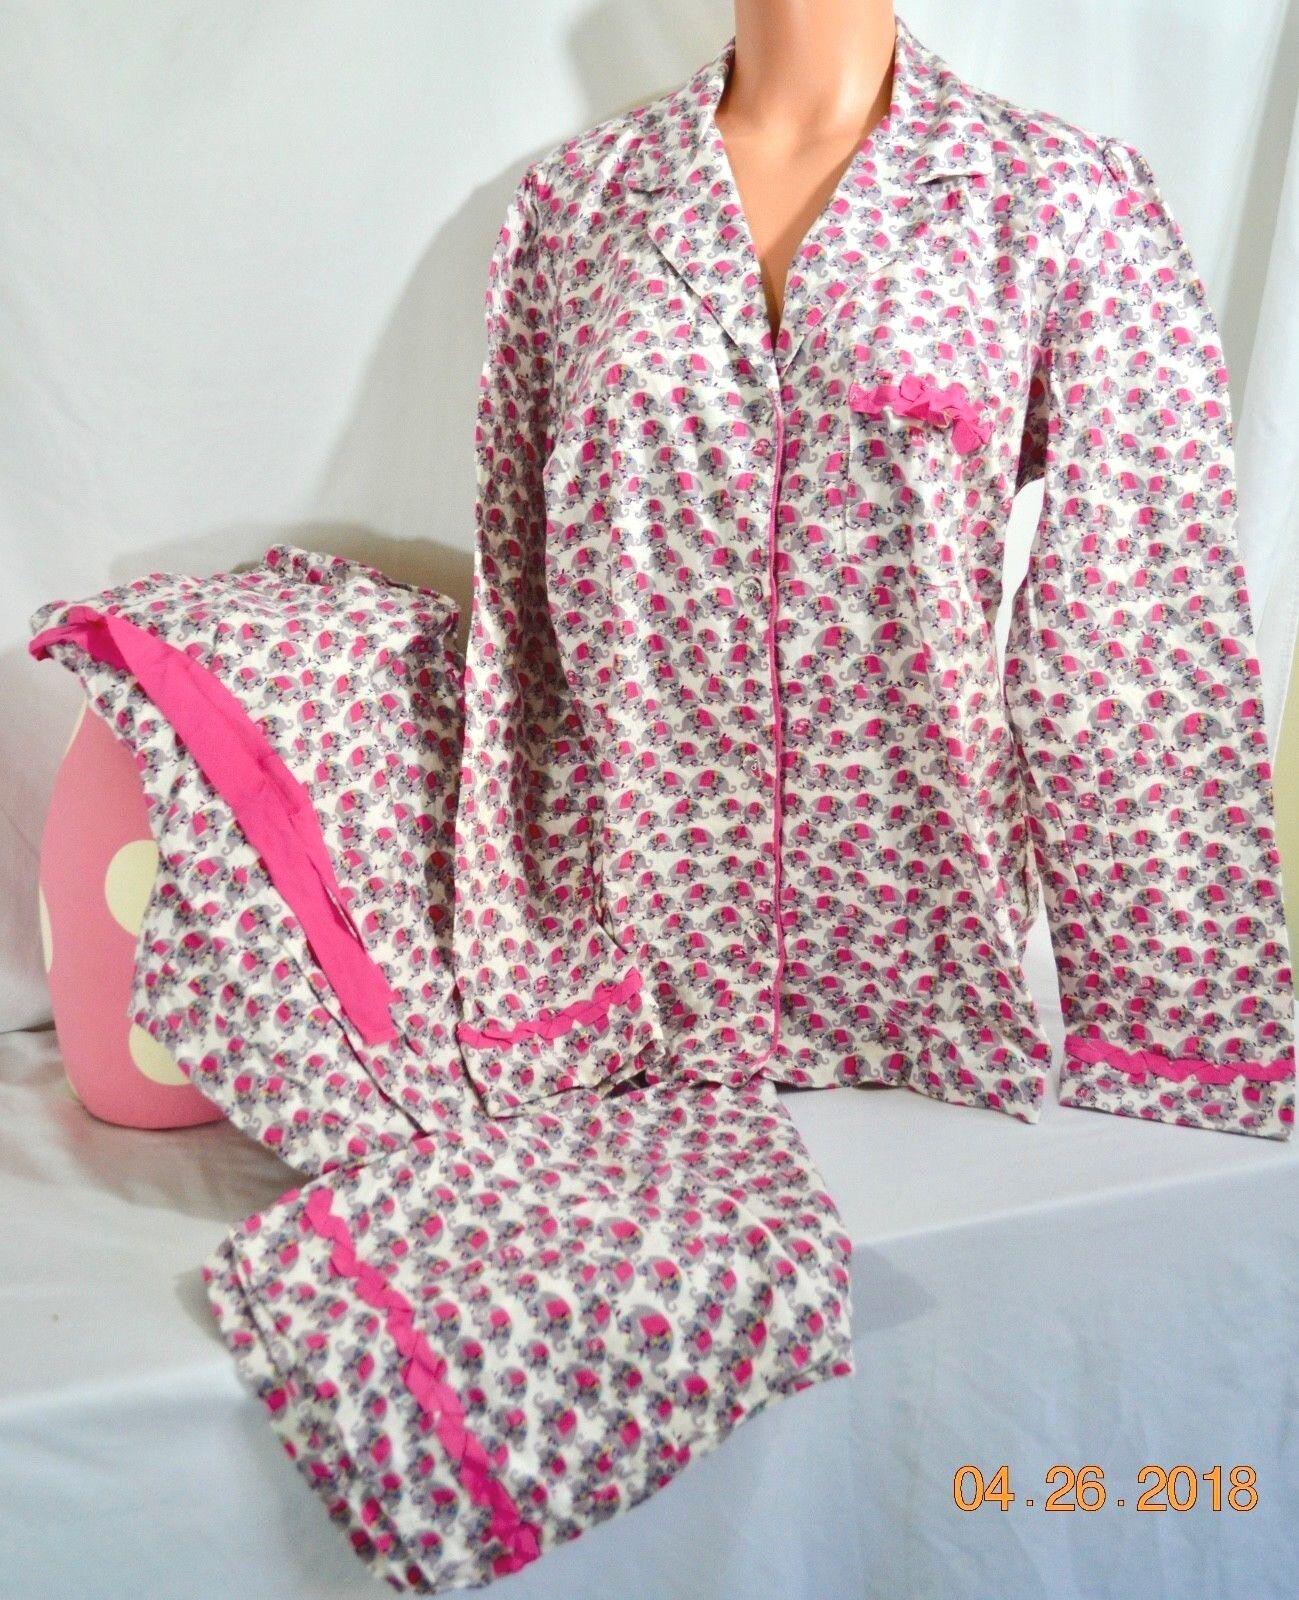 Victorias Secret After Party Flannel Pajama Set 100% COTTON Elephants NWT L